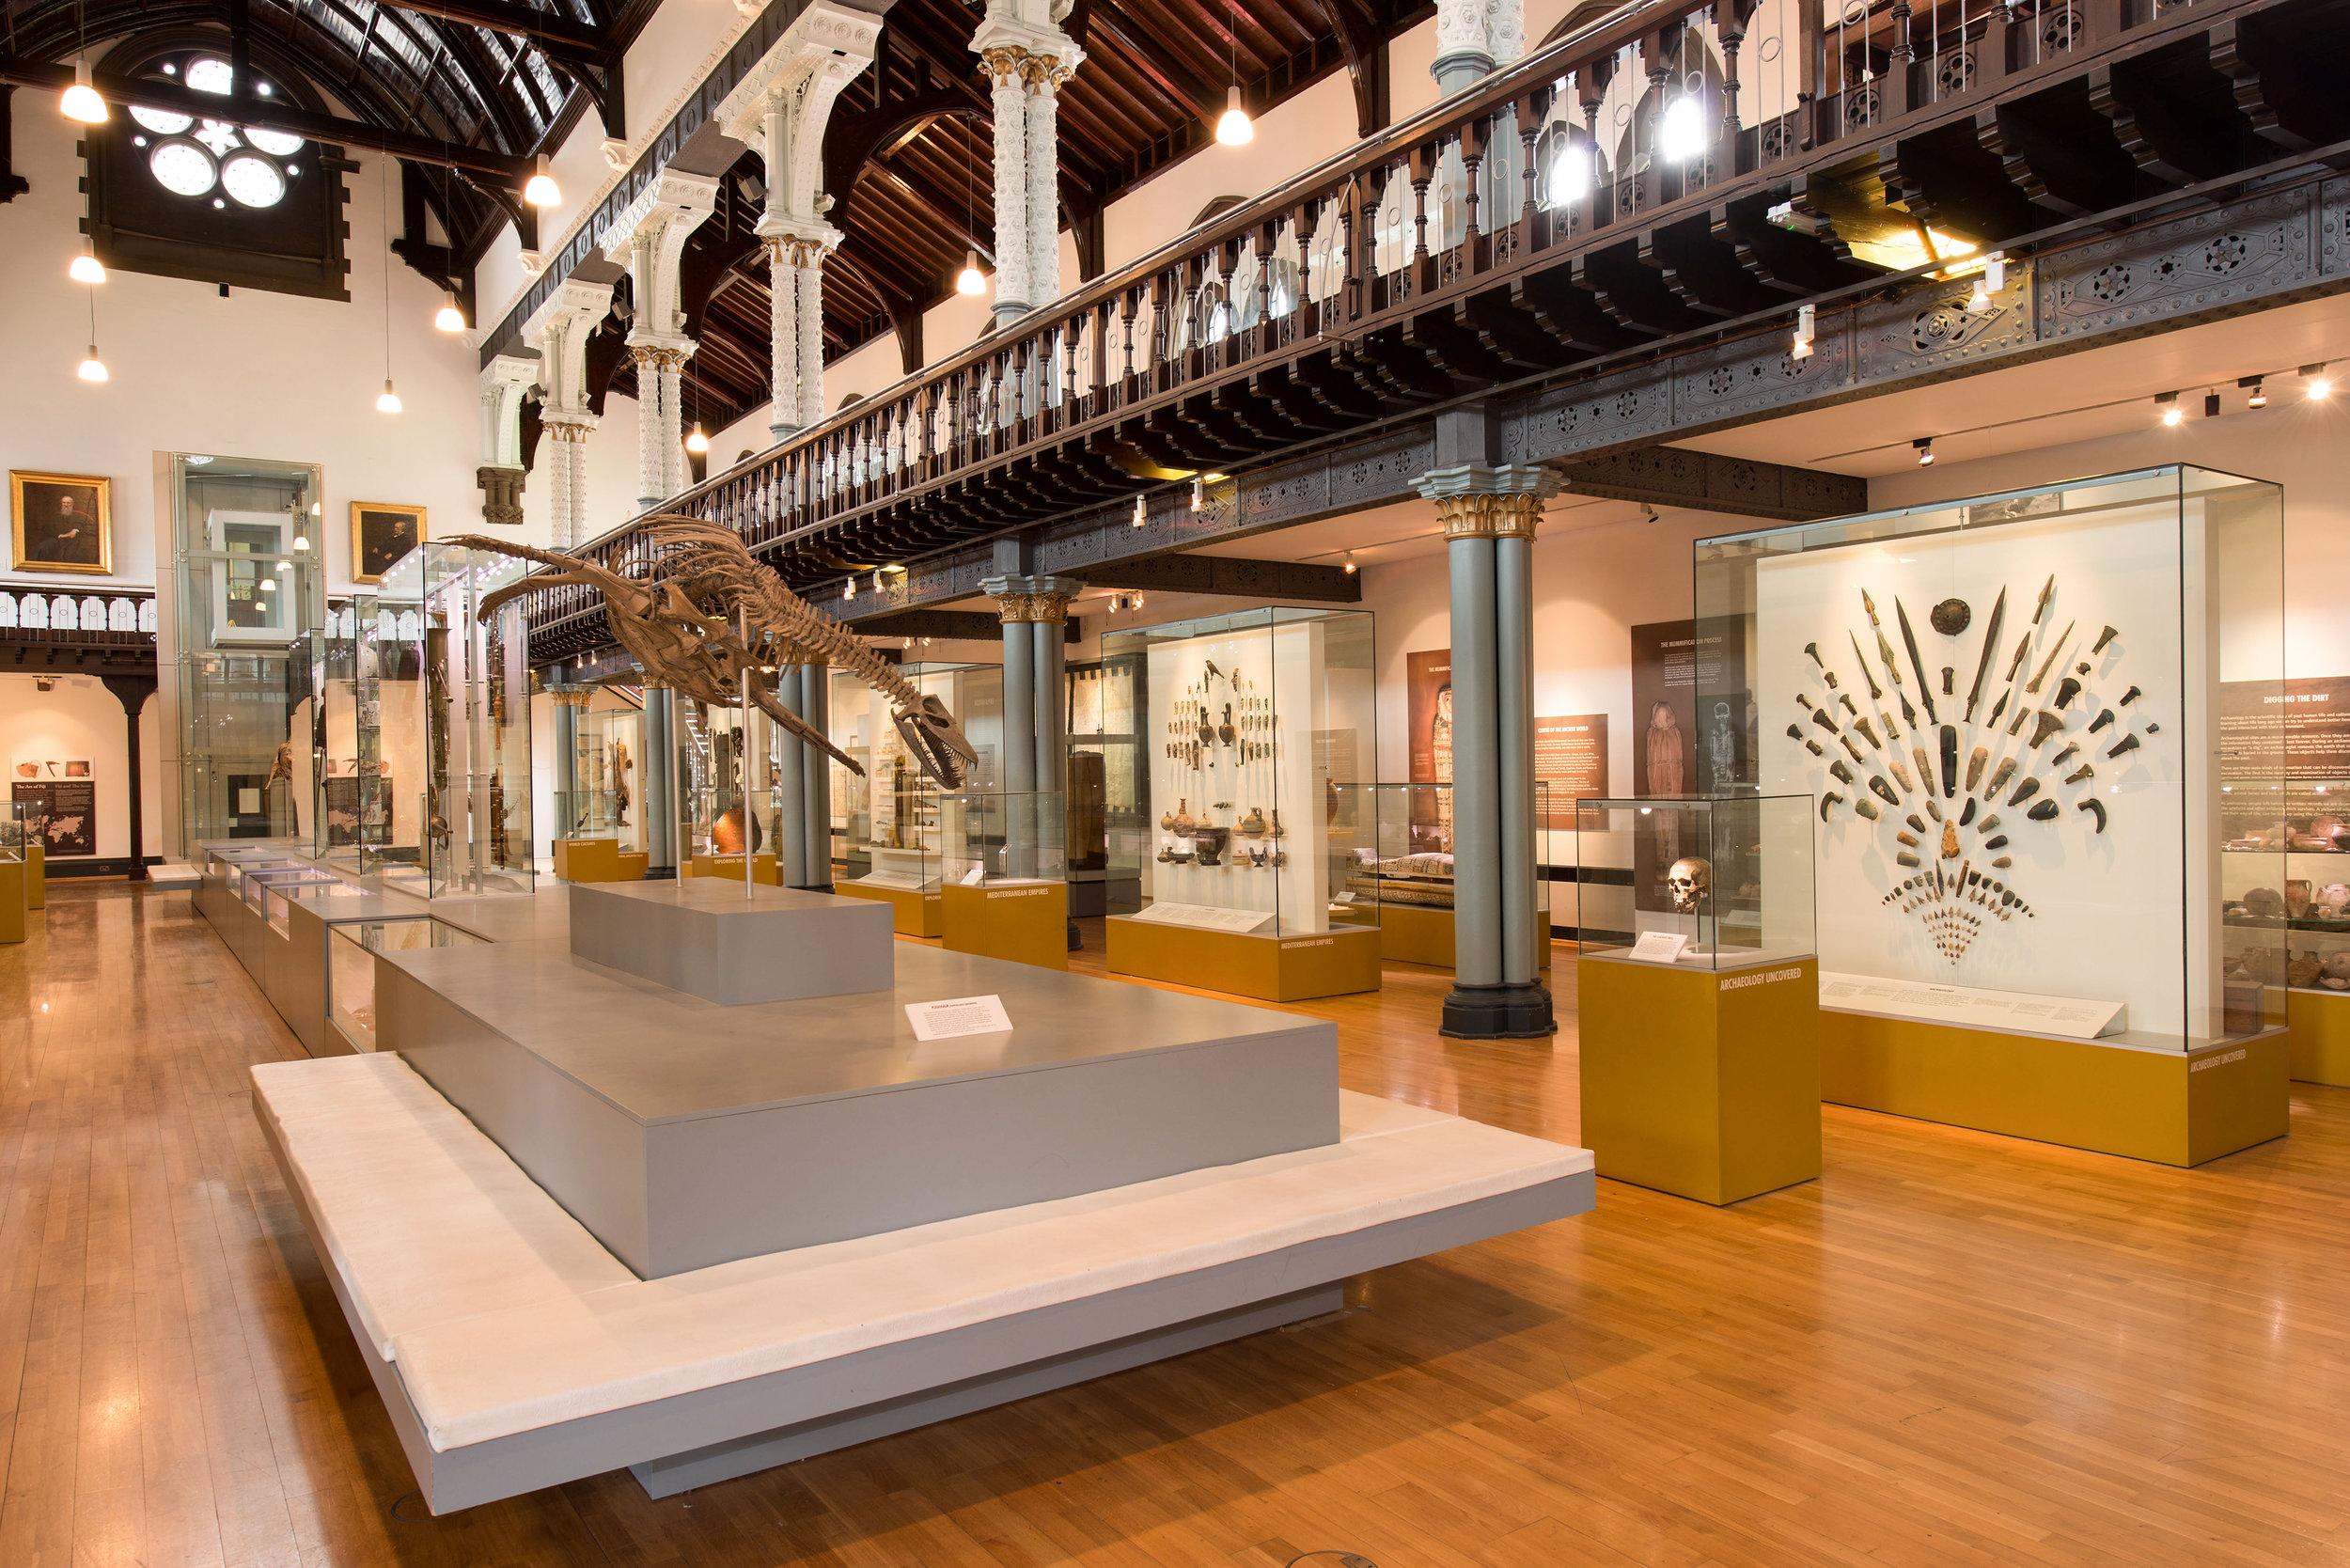 15 - 129 Hunterian Museum Interior0041_1-79459.JPG